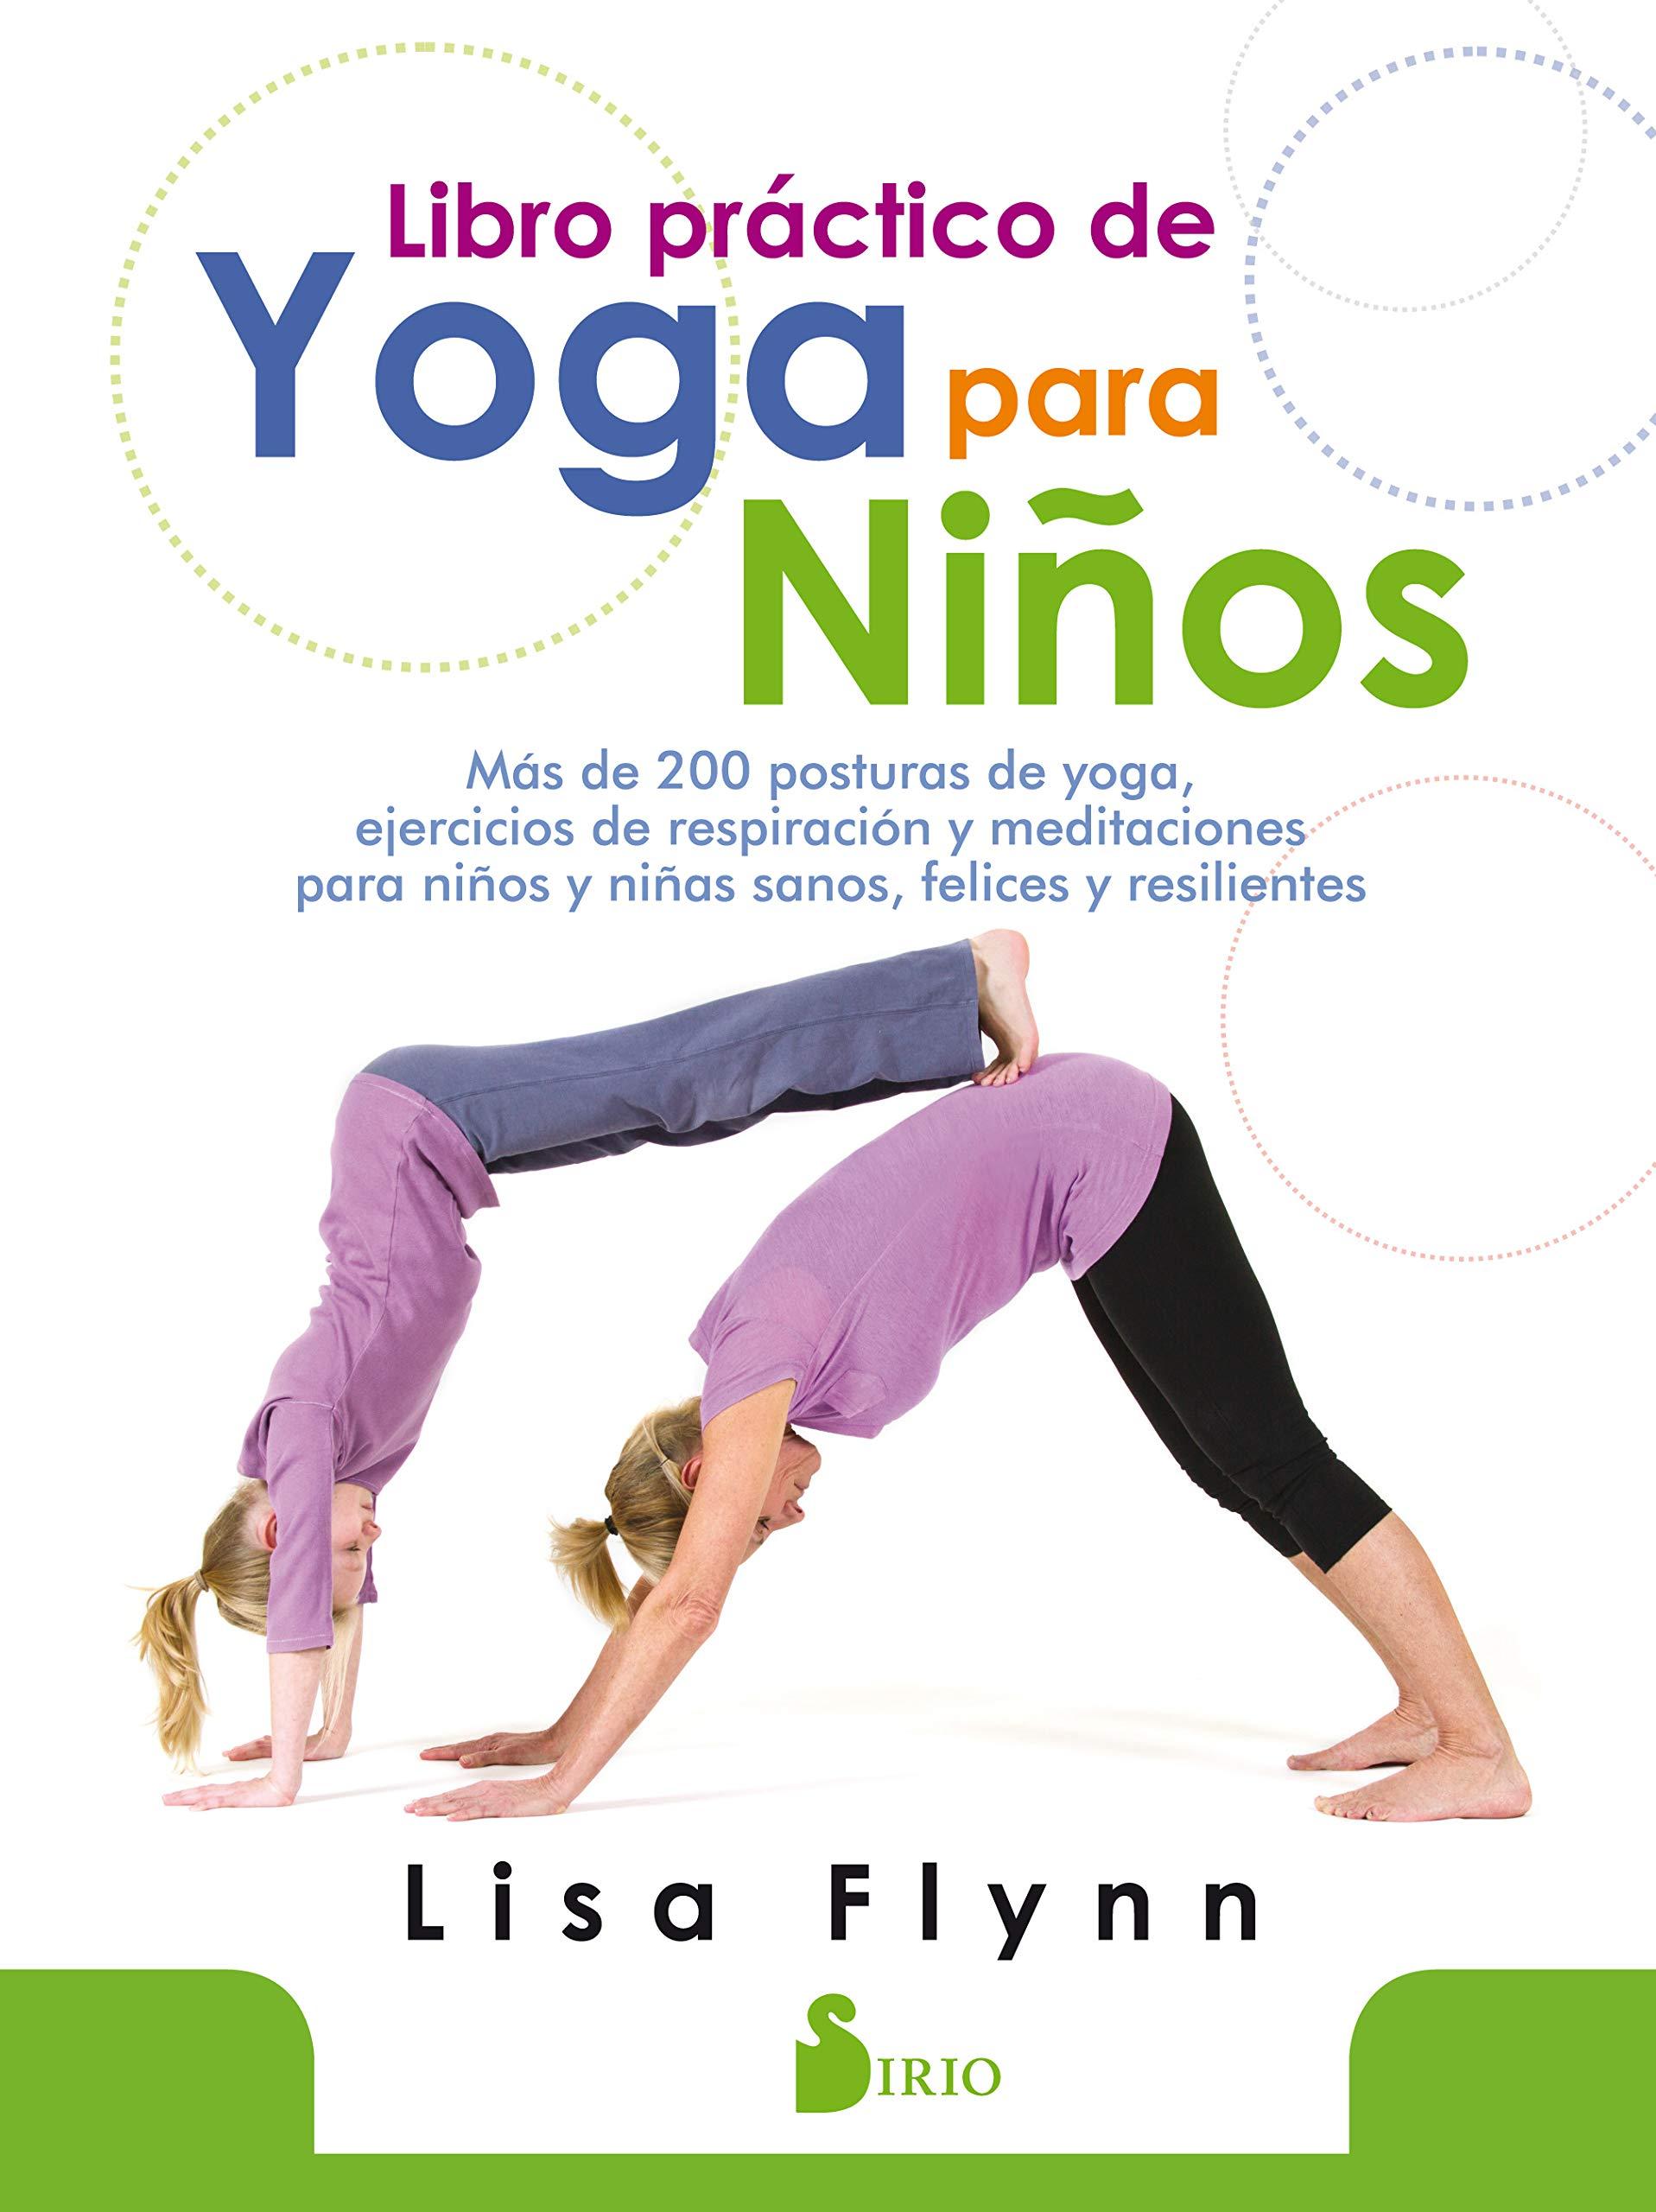 Libro practico de yoga para ninos (Spanish Edition): Lisa ...